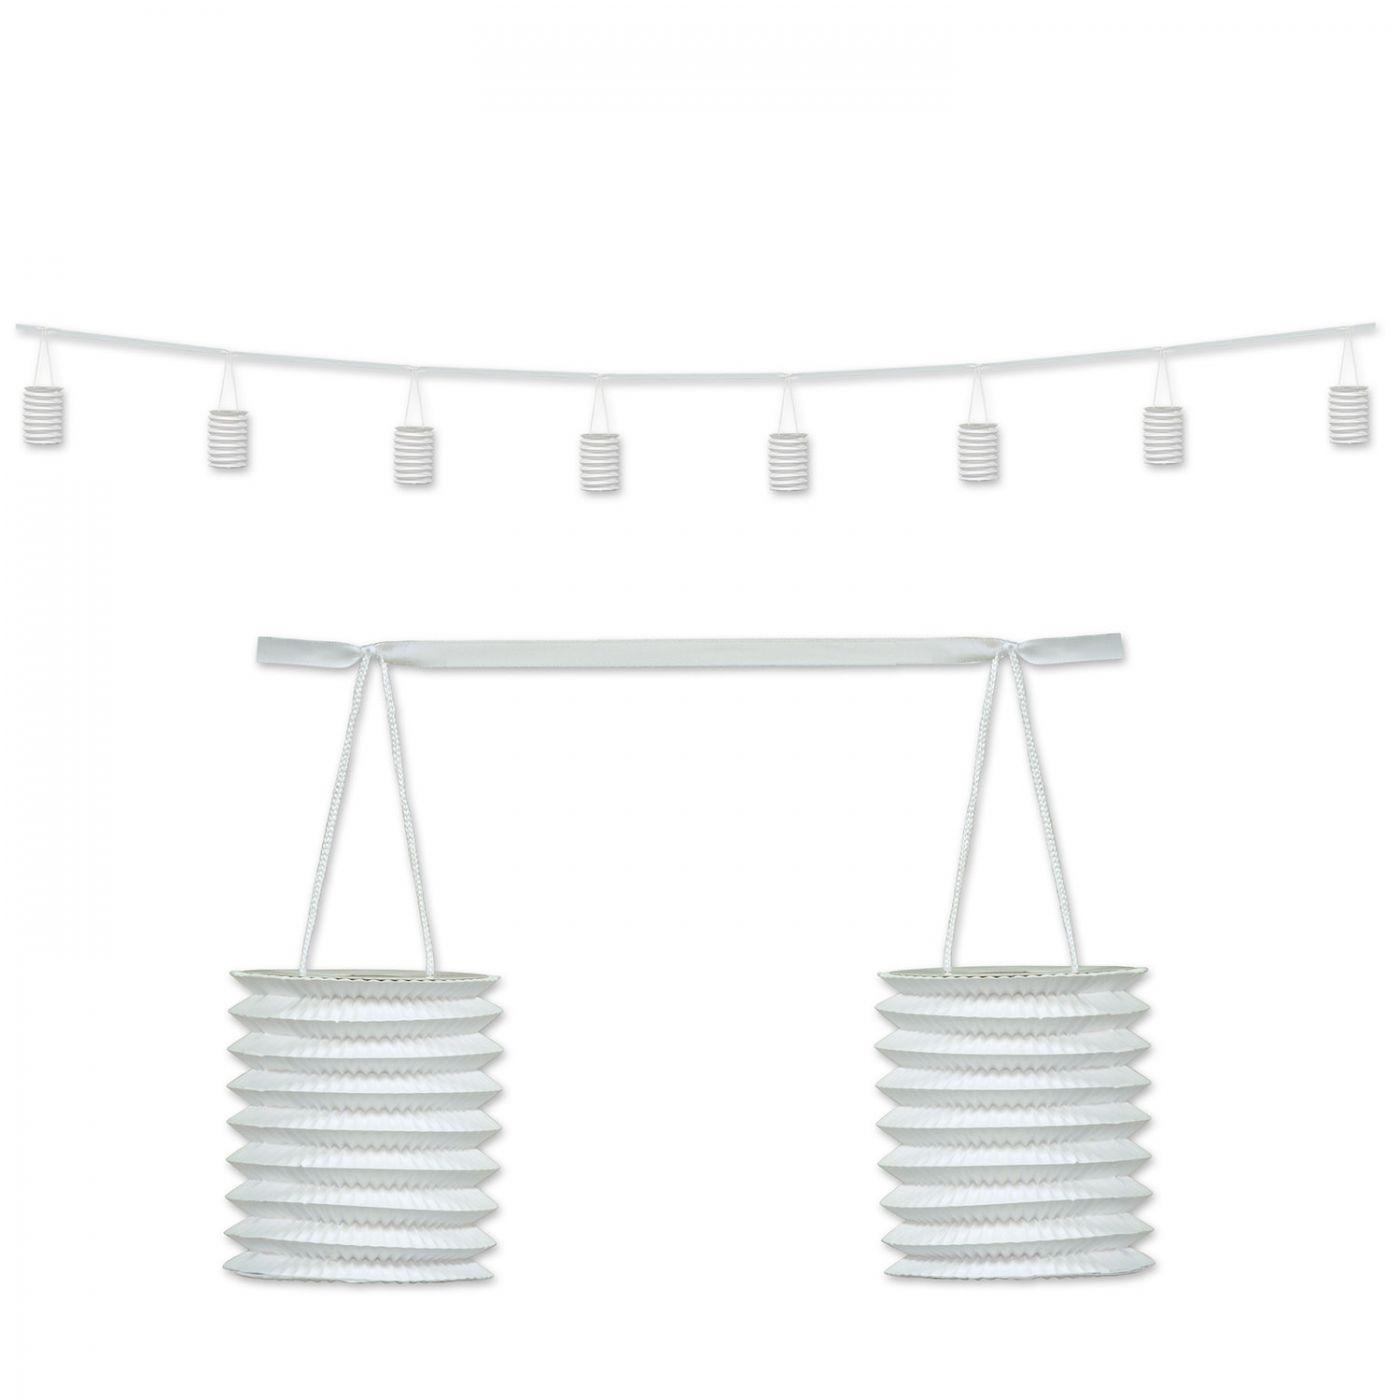 Lantern Garland (6) image